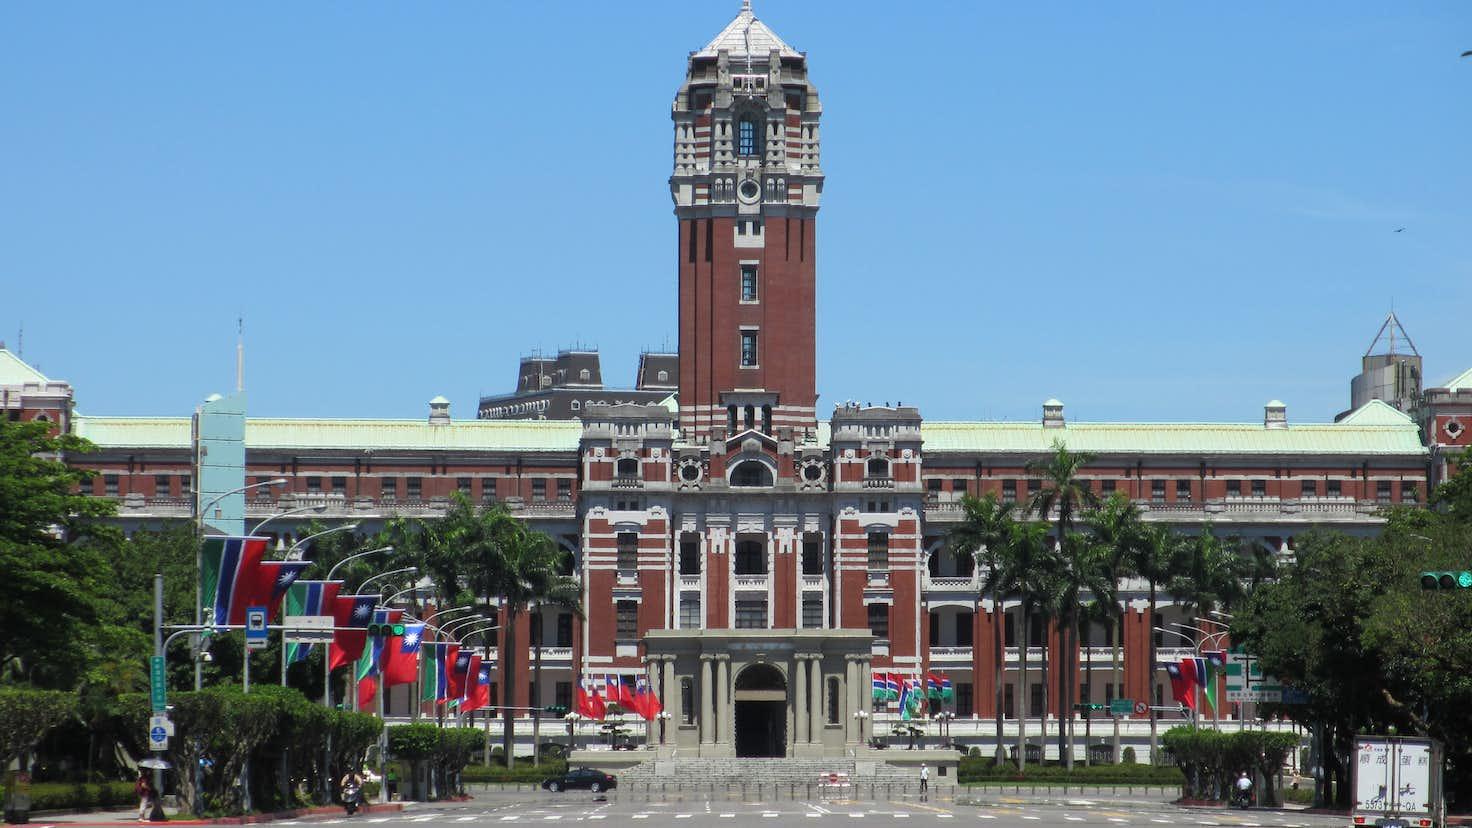 台湾総統府に泊まろう。築100年の歴史的な建物で一夜を過ごせる ...